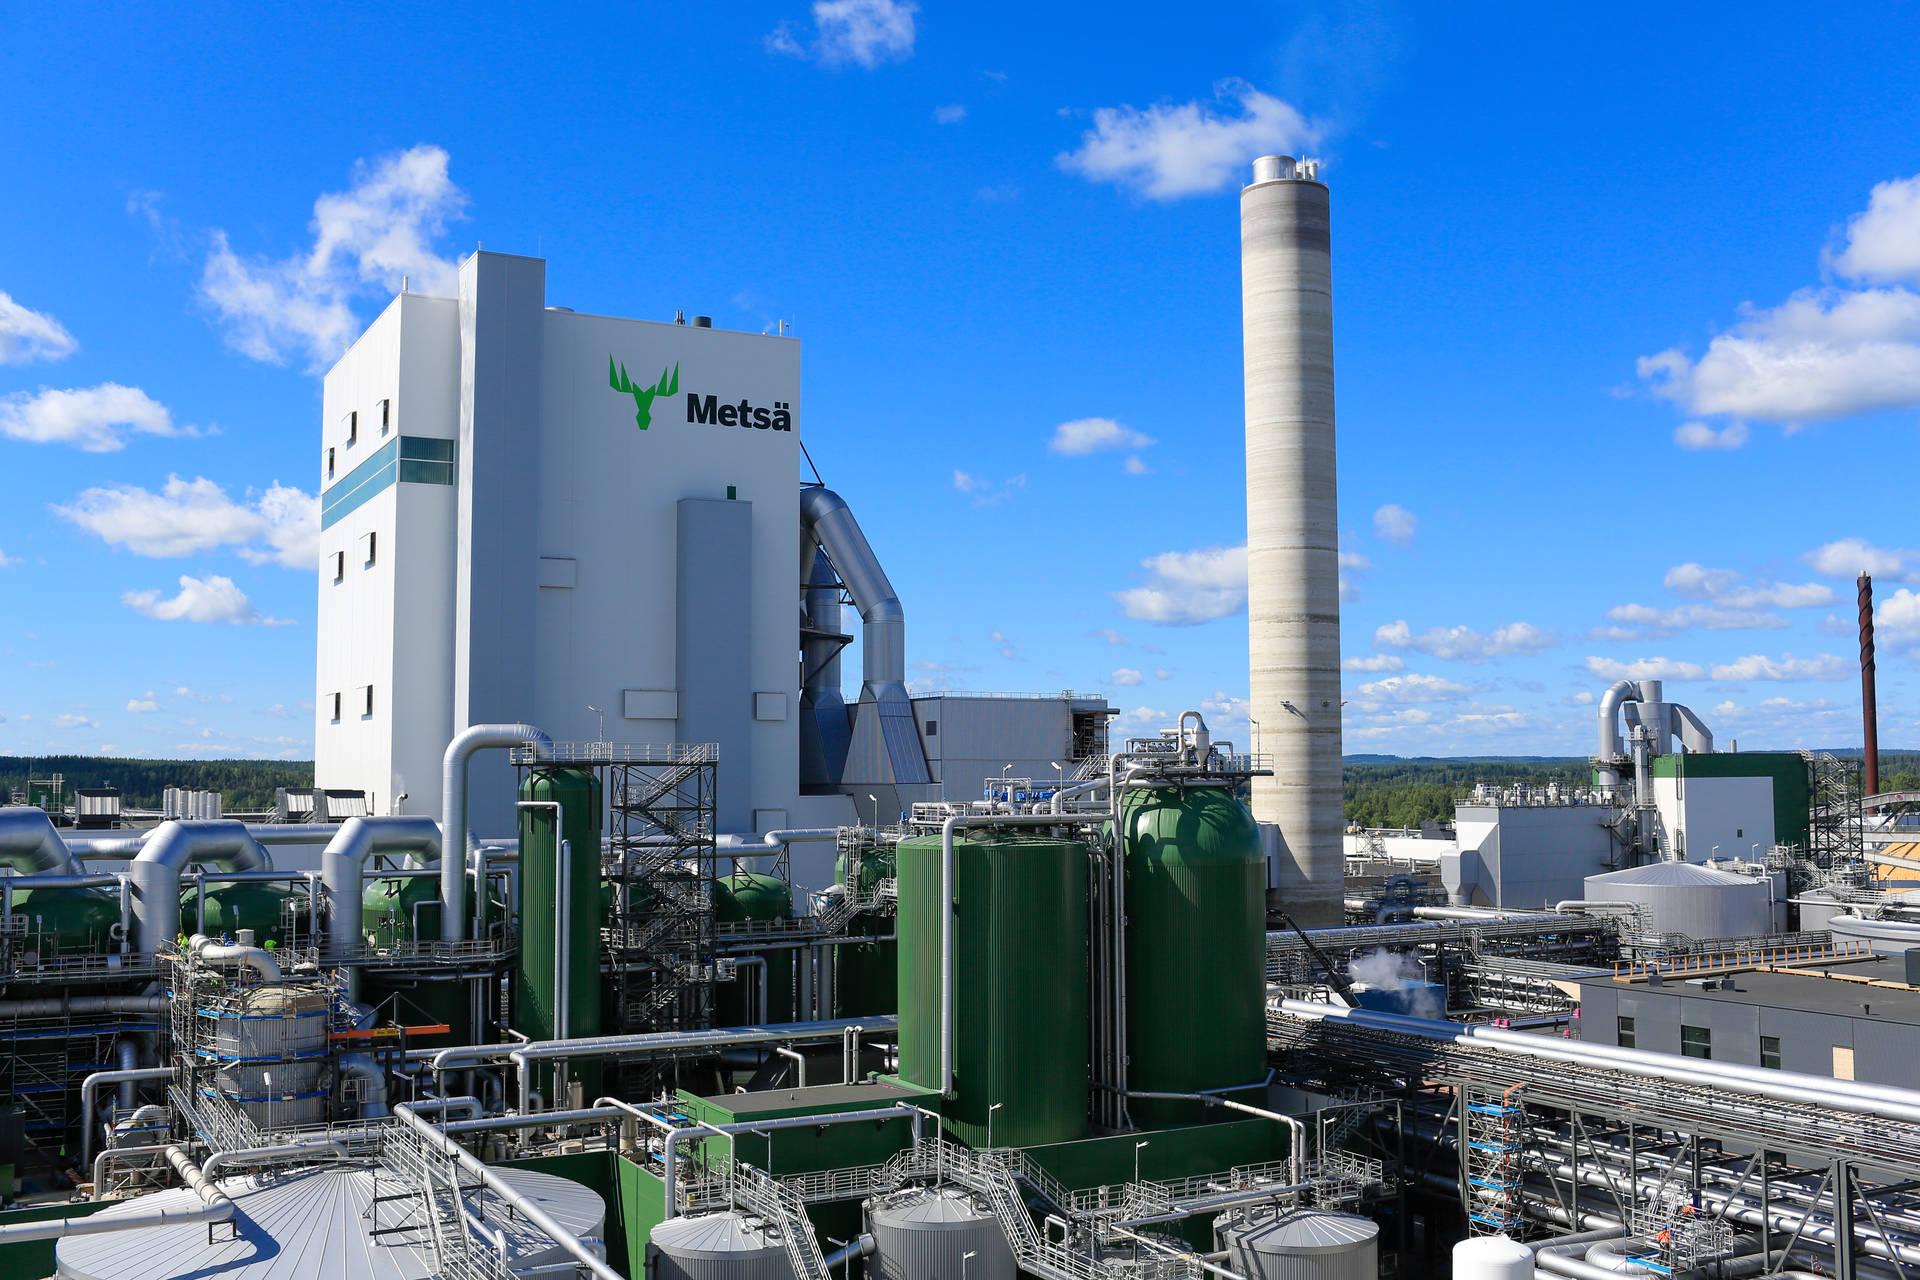 Äänekosken biotuotetehtaan ydinalue. Kuva: Sami Karppinen